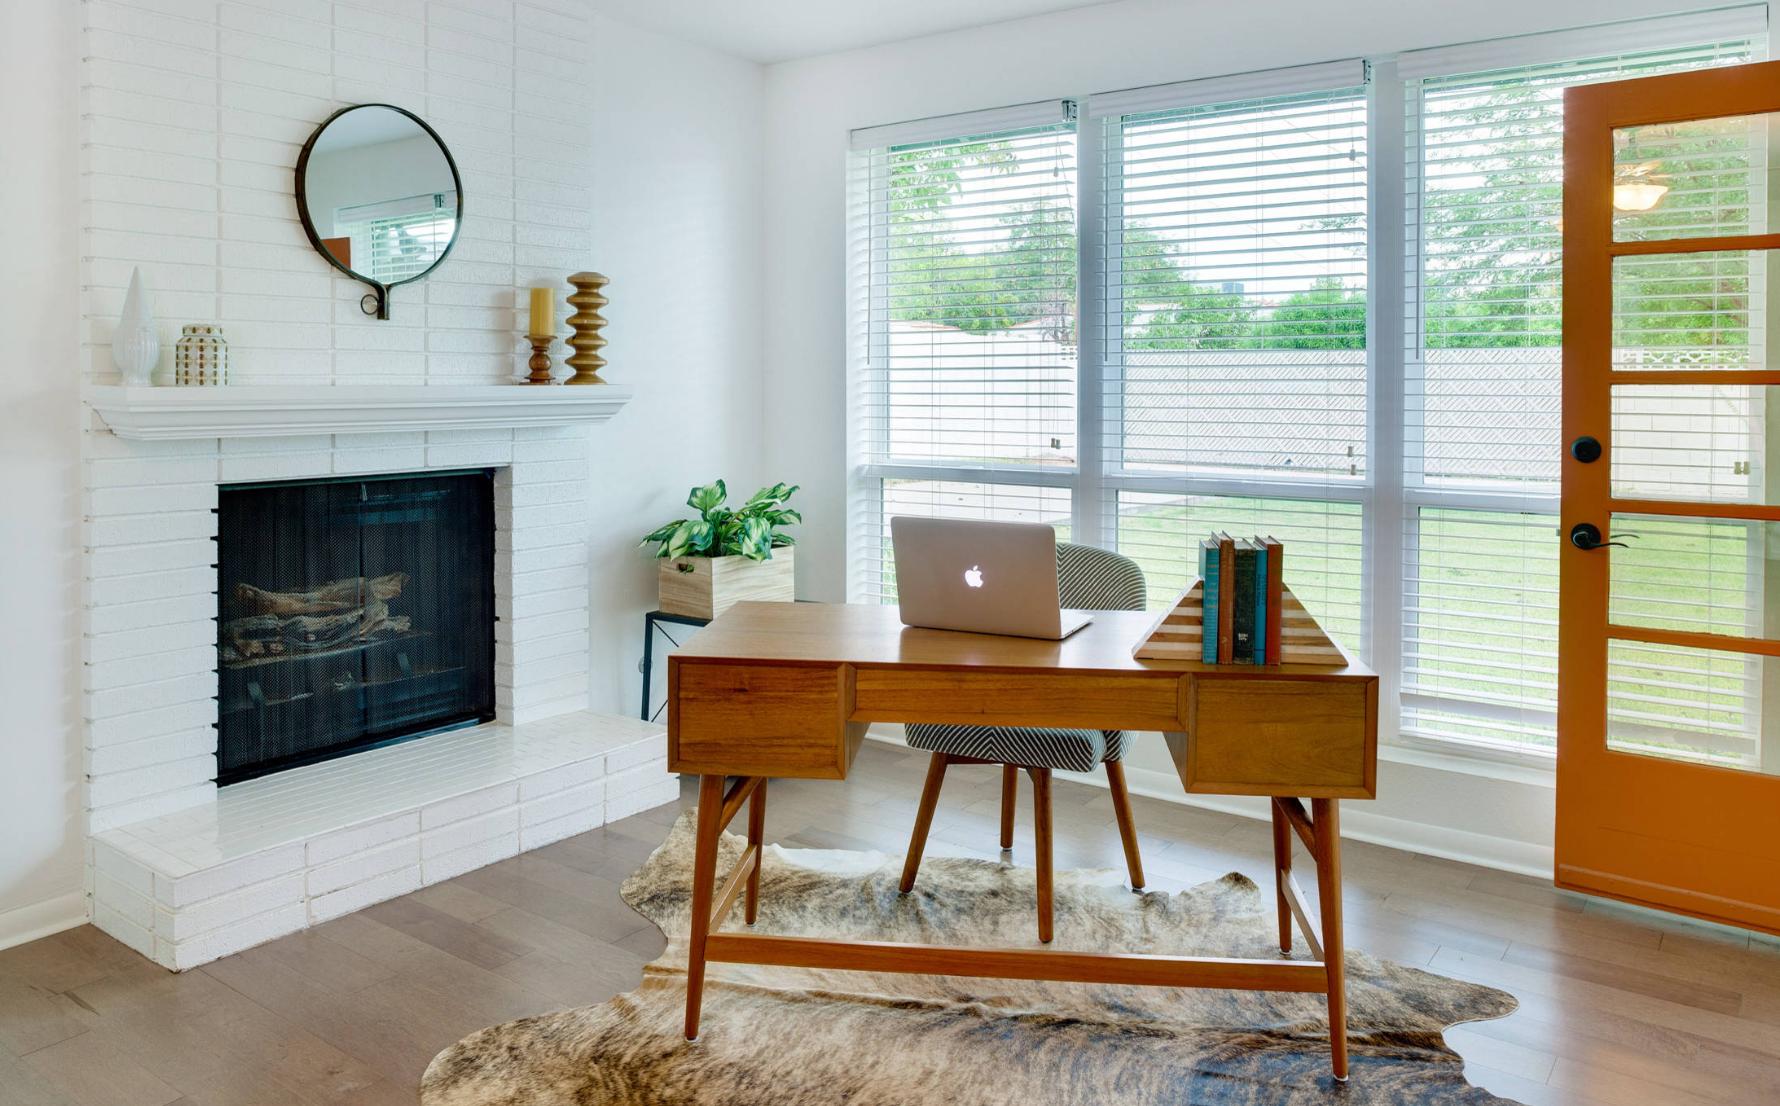 Ruangan untuk bekerja online jarak jauh dari rumah sendiri